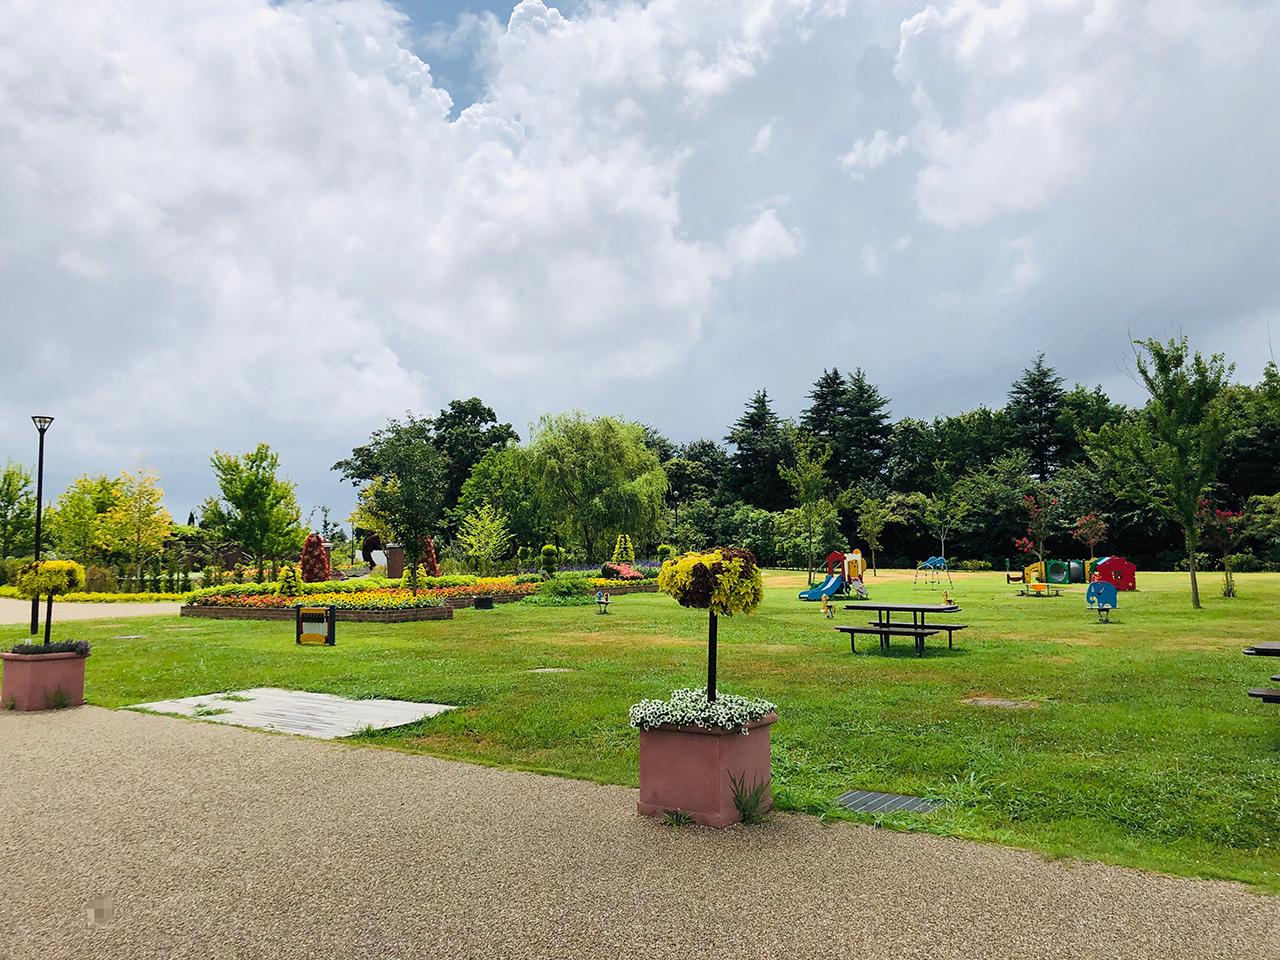 ふなばしアンデルセン公園の投稿写真6